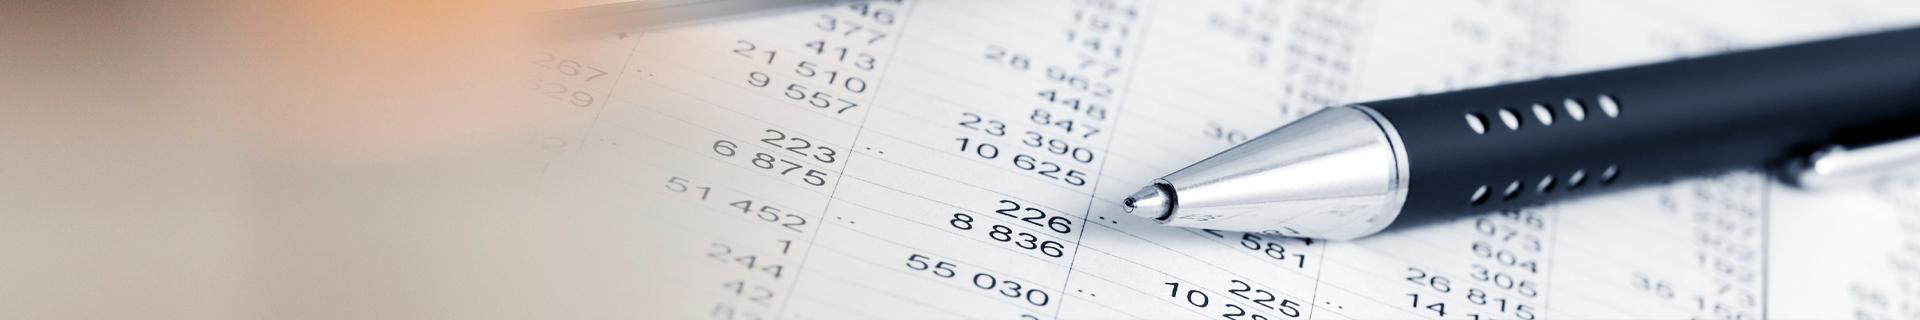 Communiqué relatif aux Bureaux d'Information sur le Crédit (BIC)